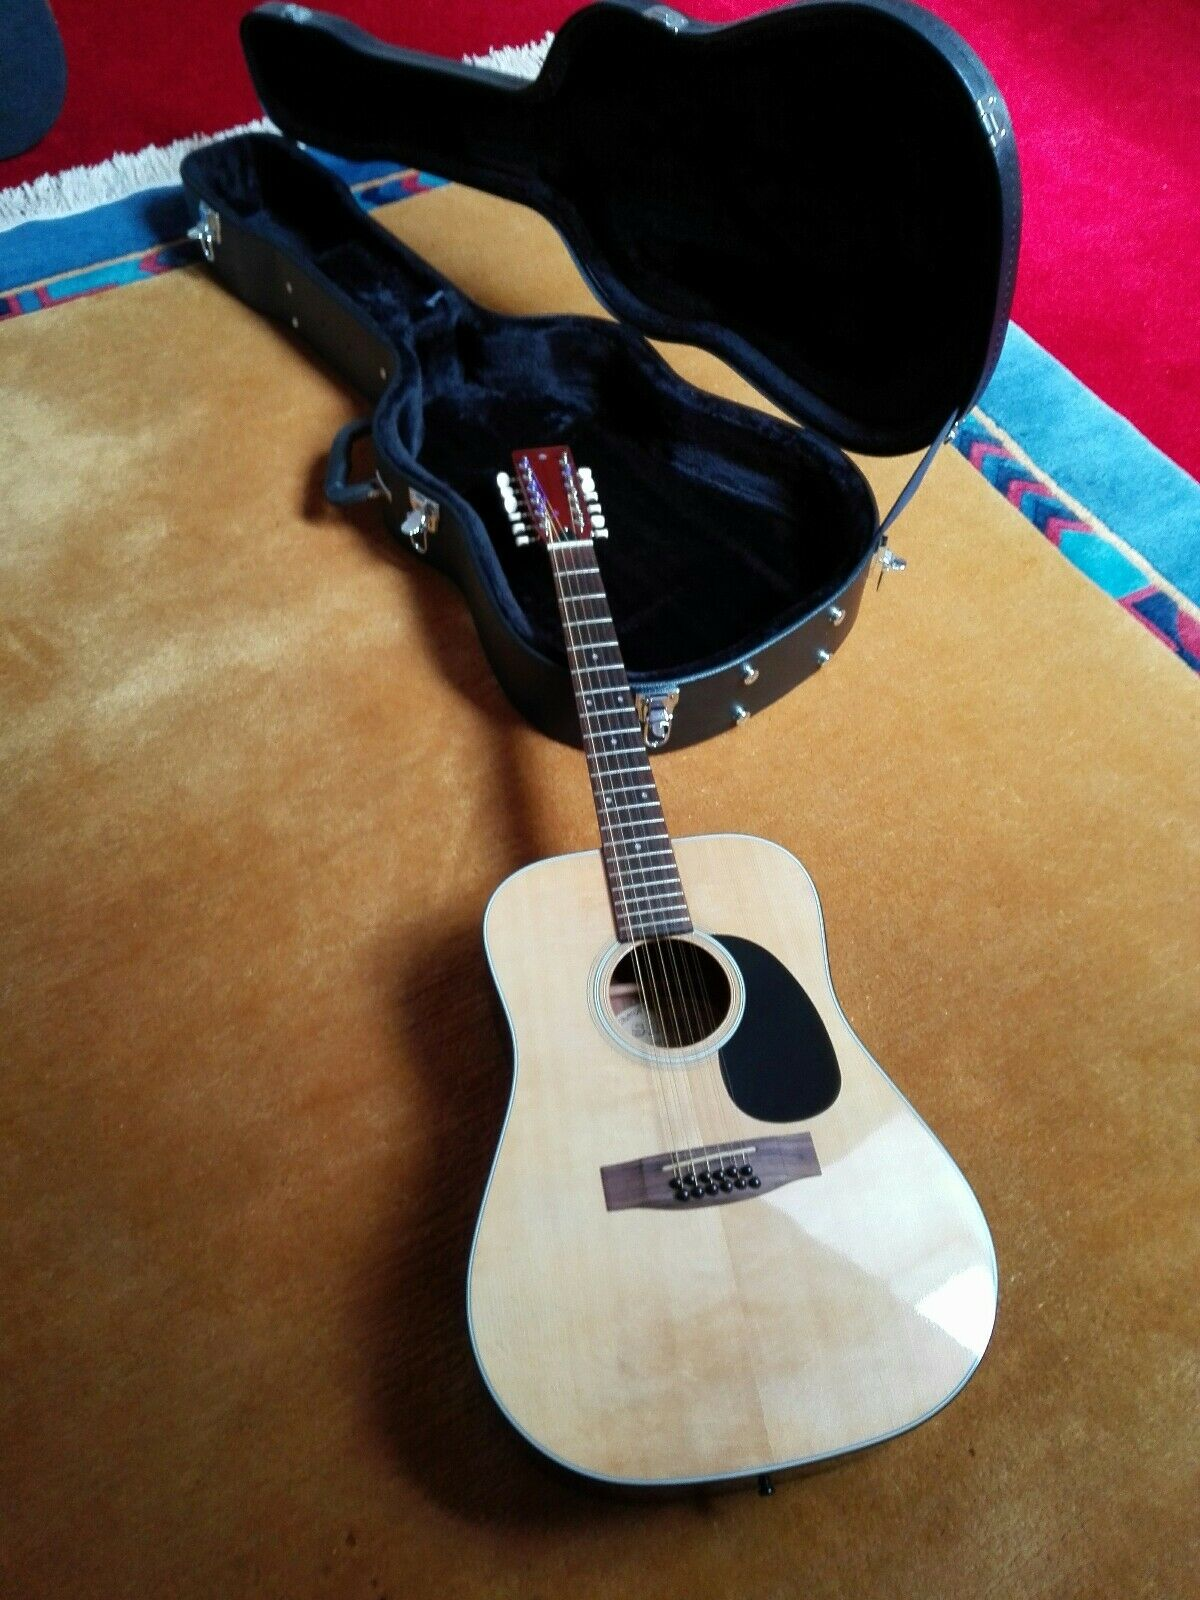 Vintage-Westerngitarre Shiro 12-saitig Rarität  - sehr guter Zustand inkl.Koffer